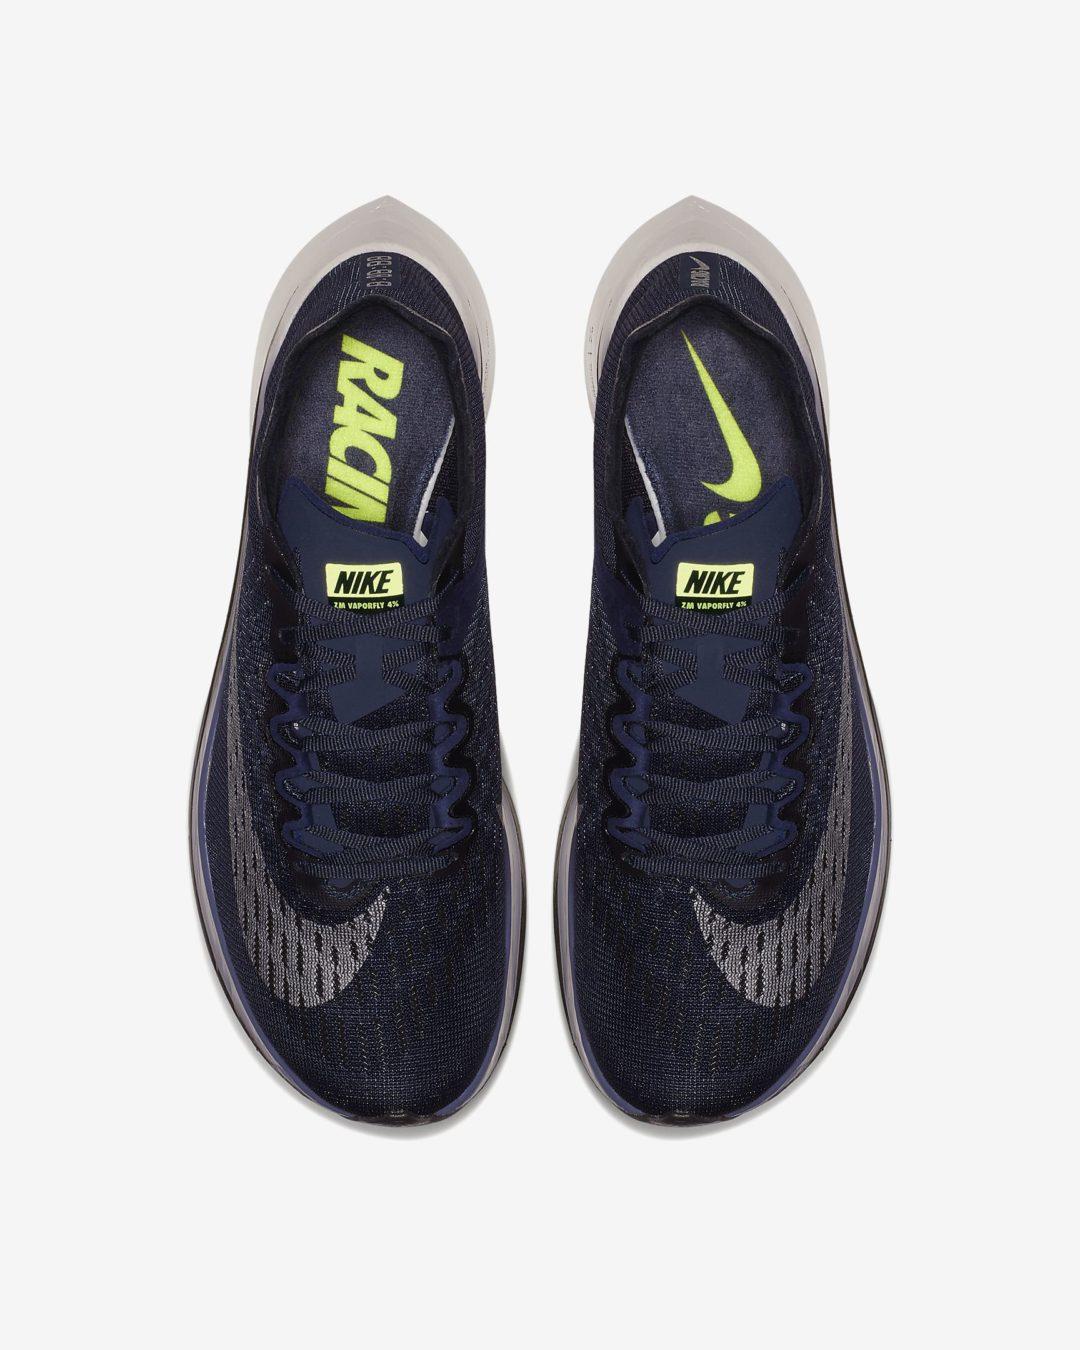 Die neuen Flaggschiffe von Nike: Zoom Vaporfly 4% und Zoom